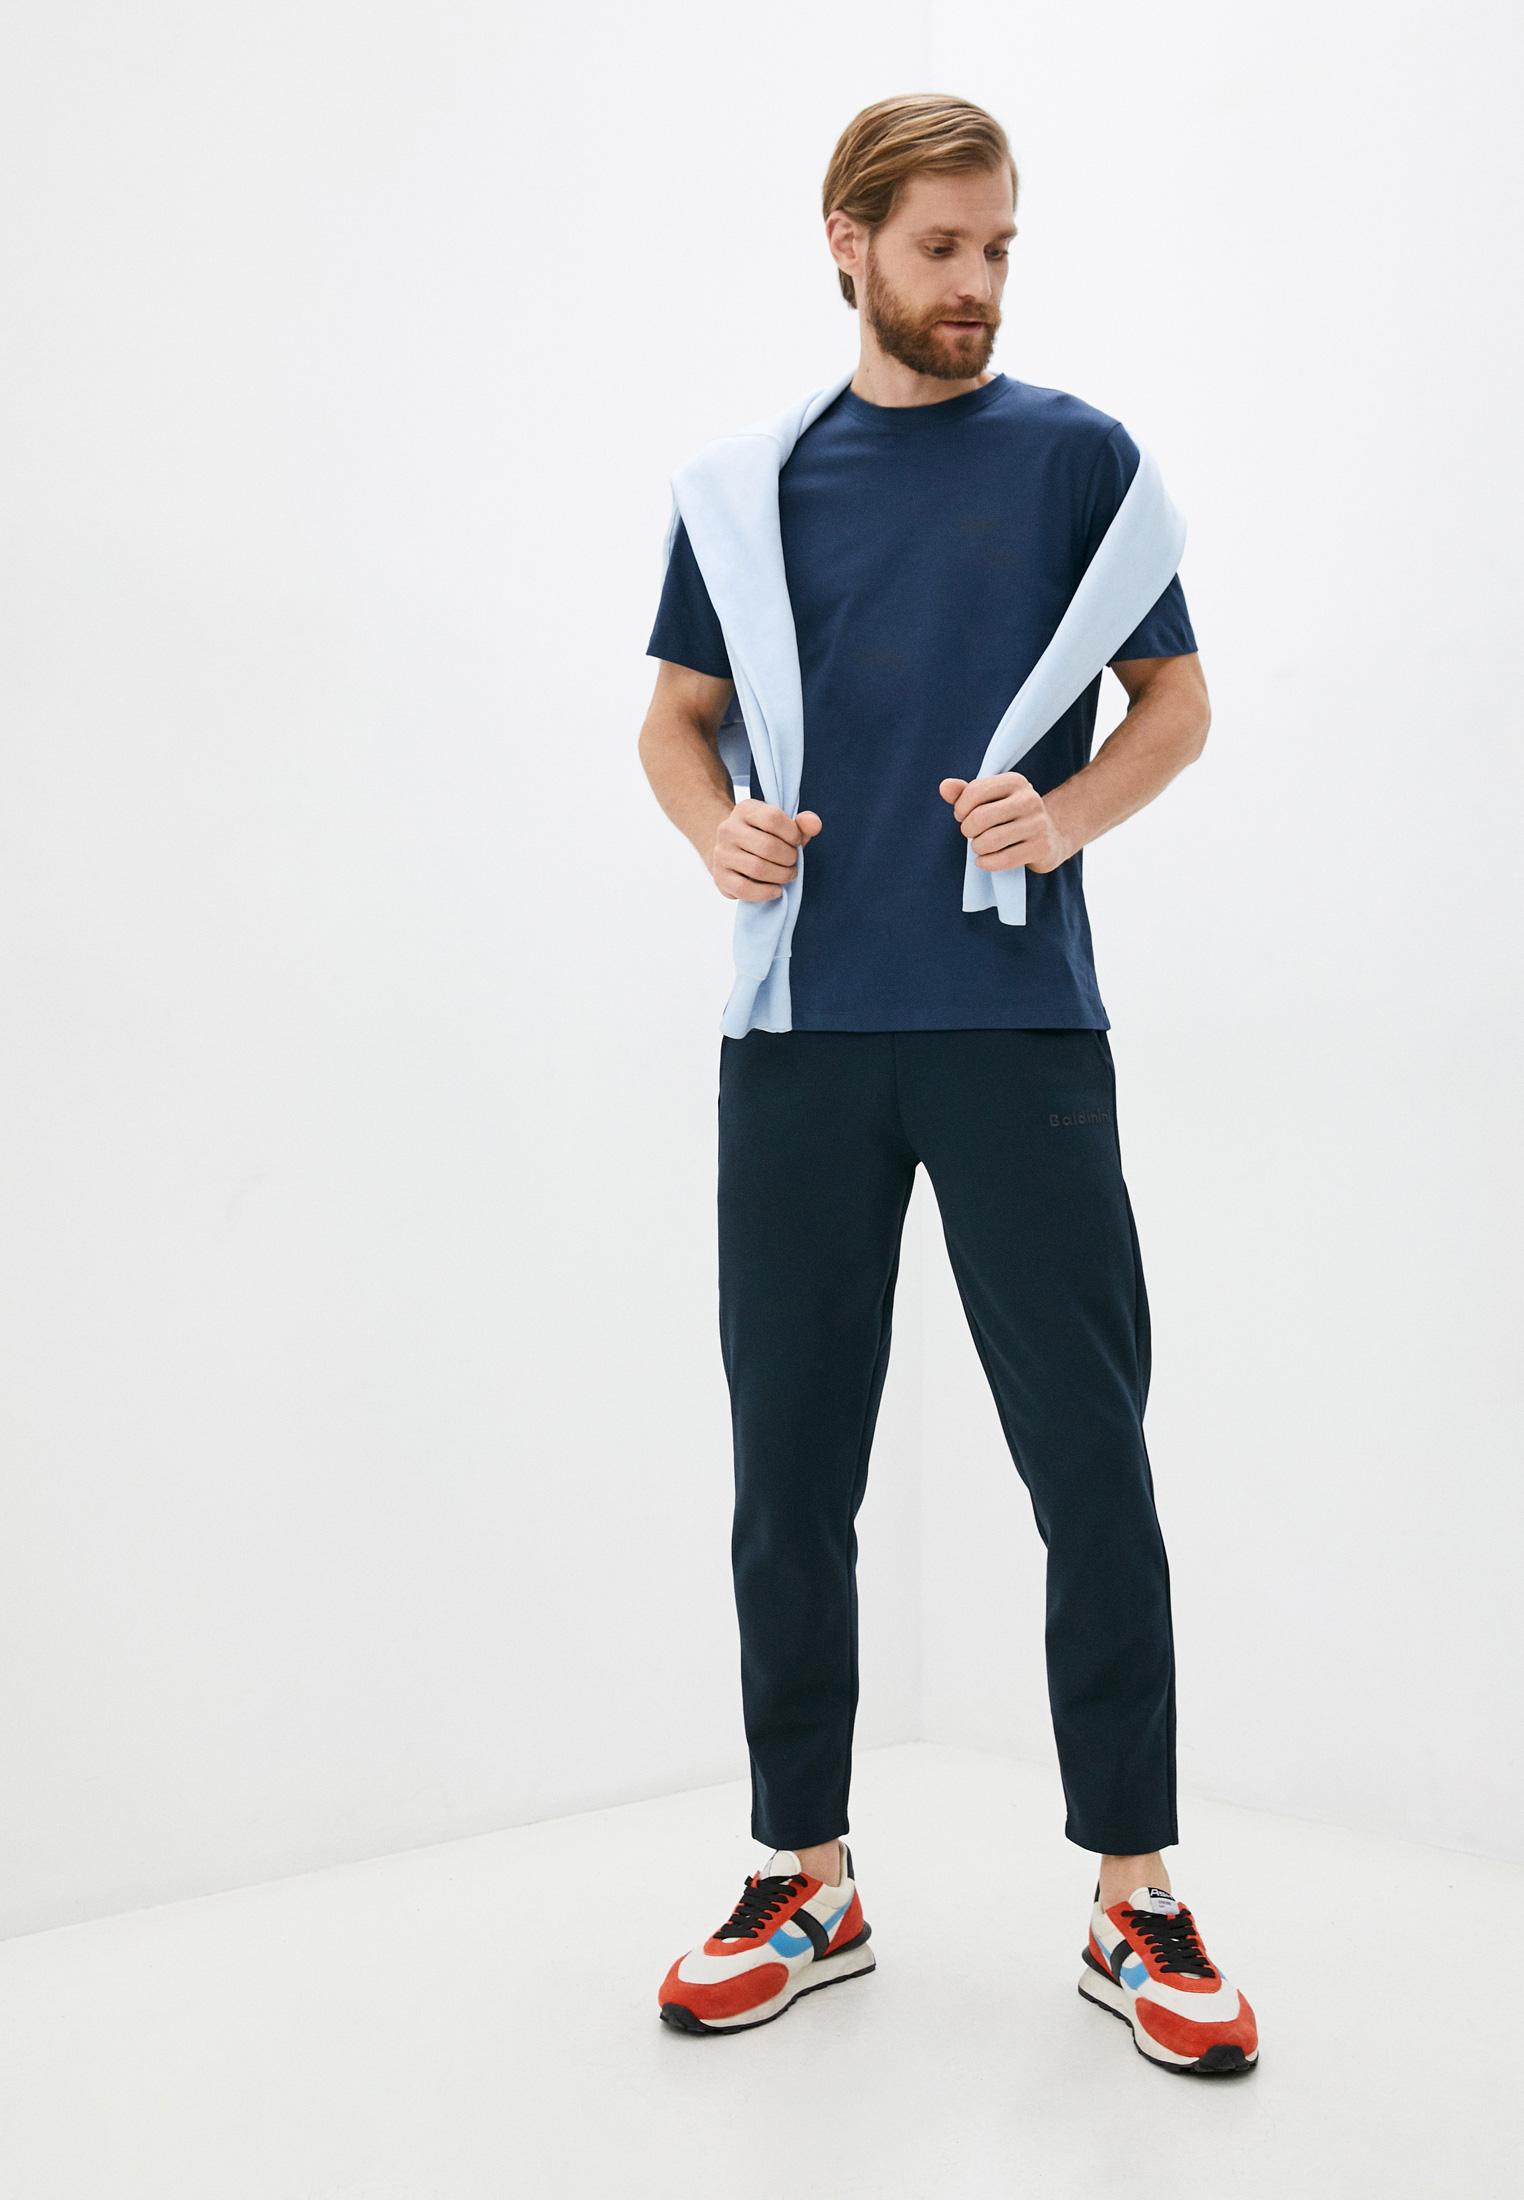 Мужская футболка Baldinini (Балдинини) TS03: изображение 3